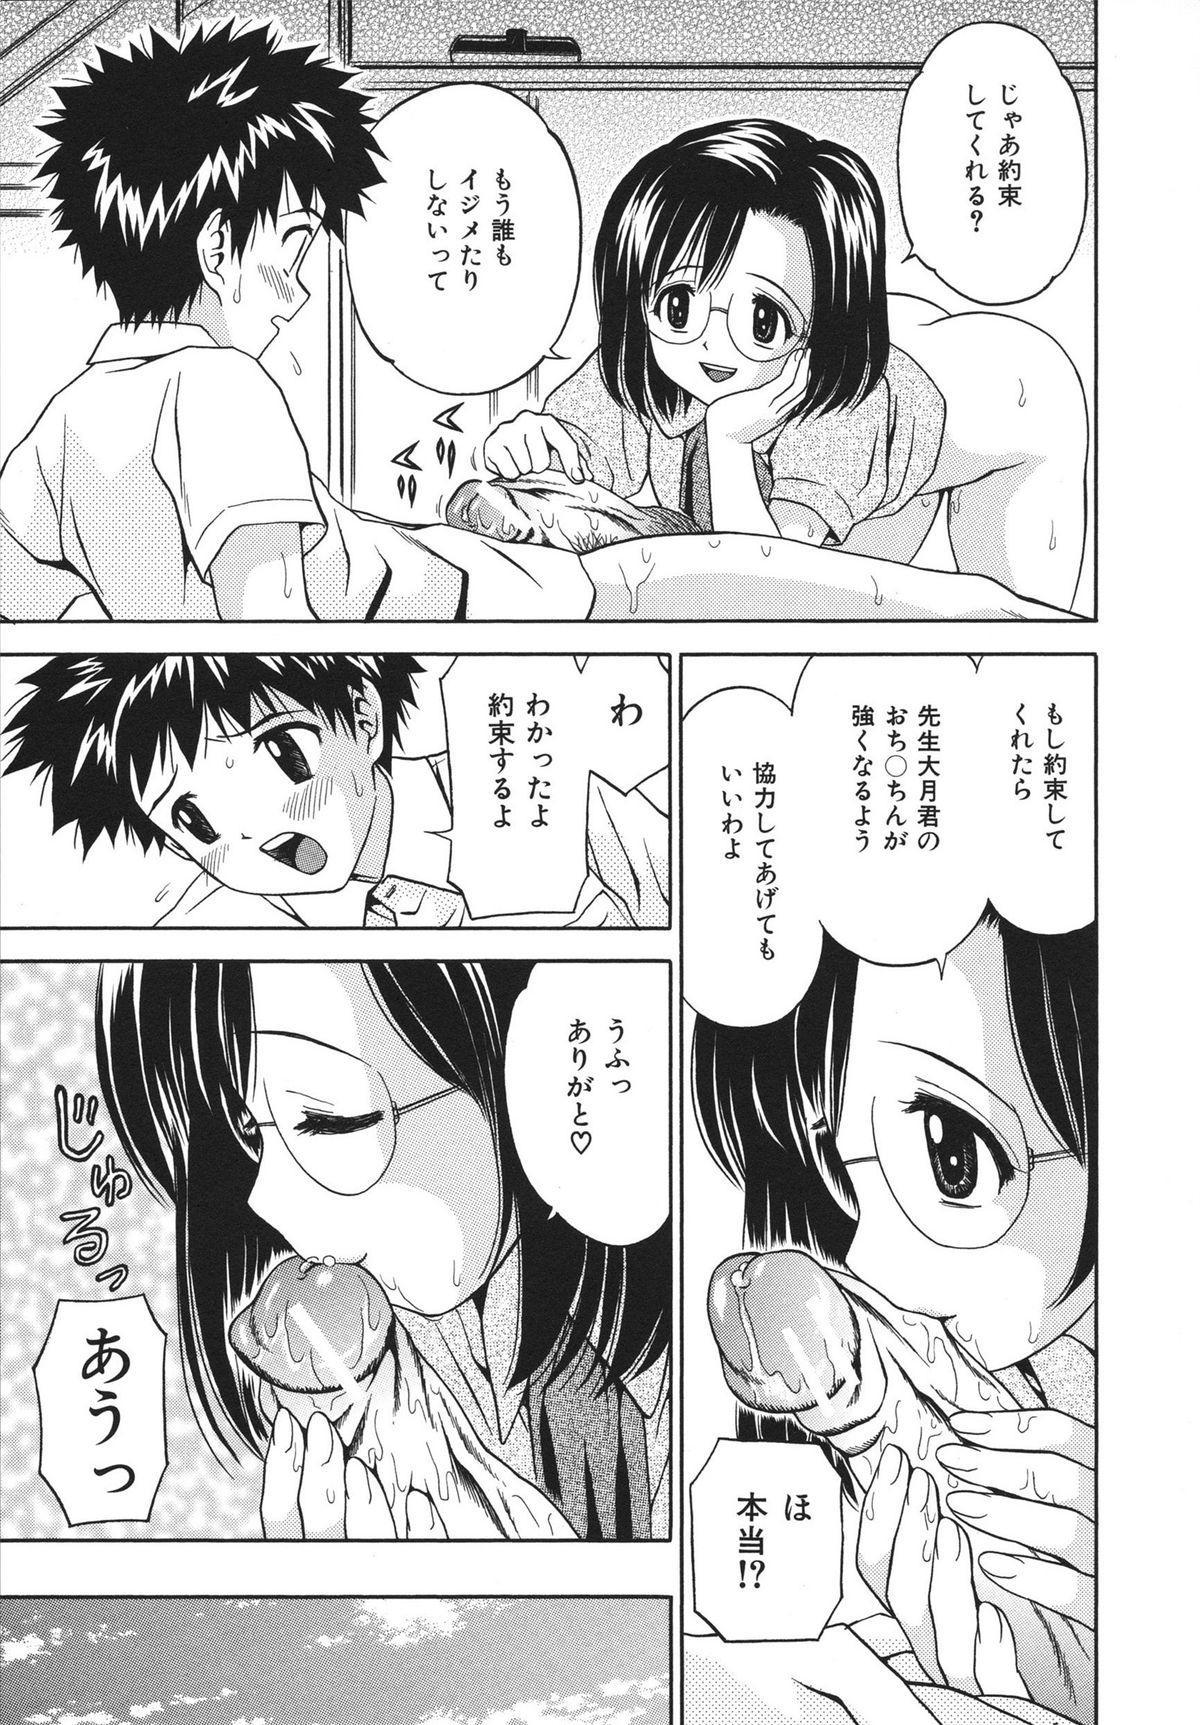 Houtai Shoujo - Bandage Girl 164